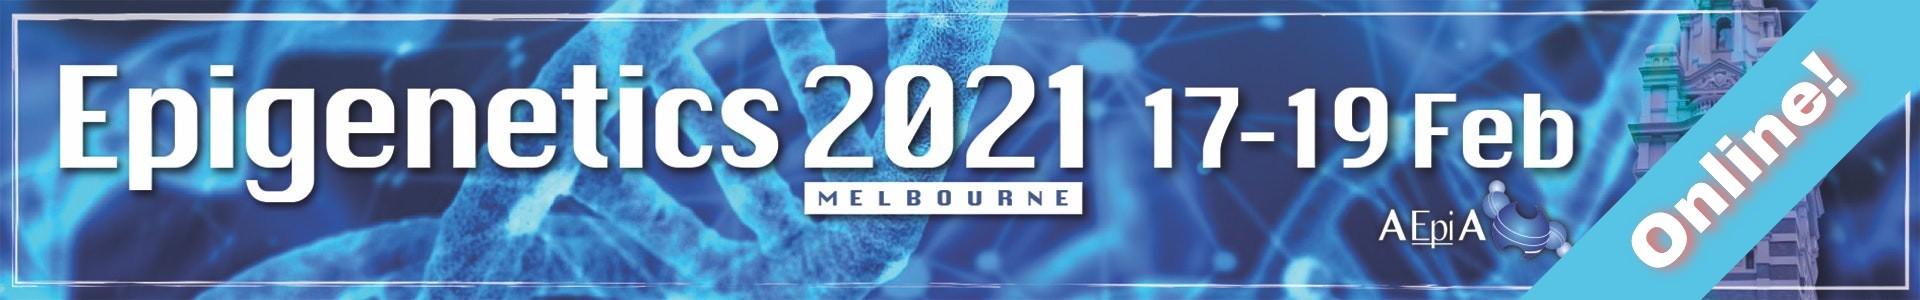 Conferencia Epigenetics 2021